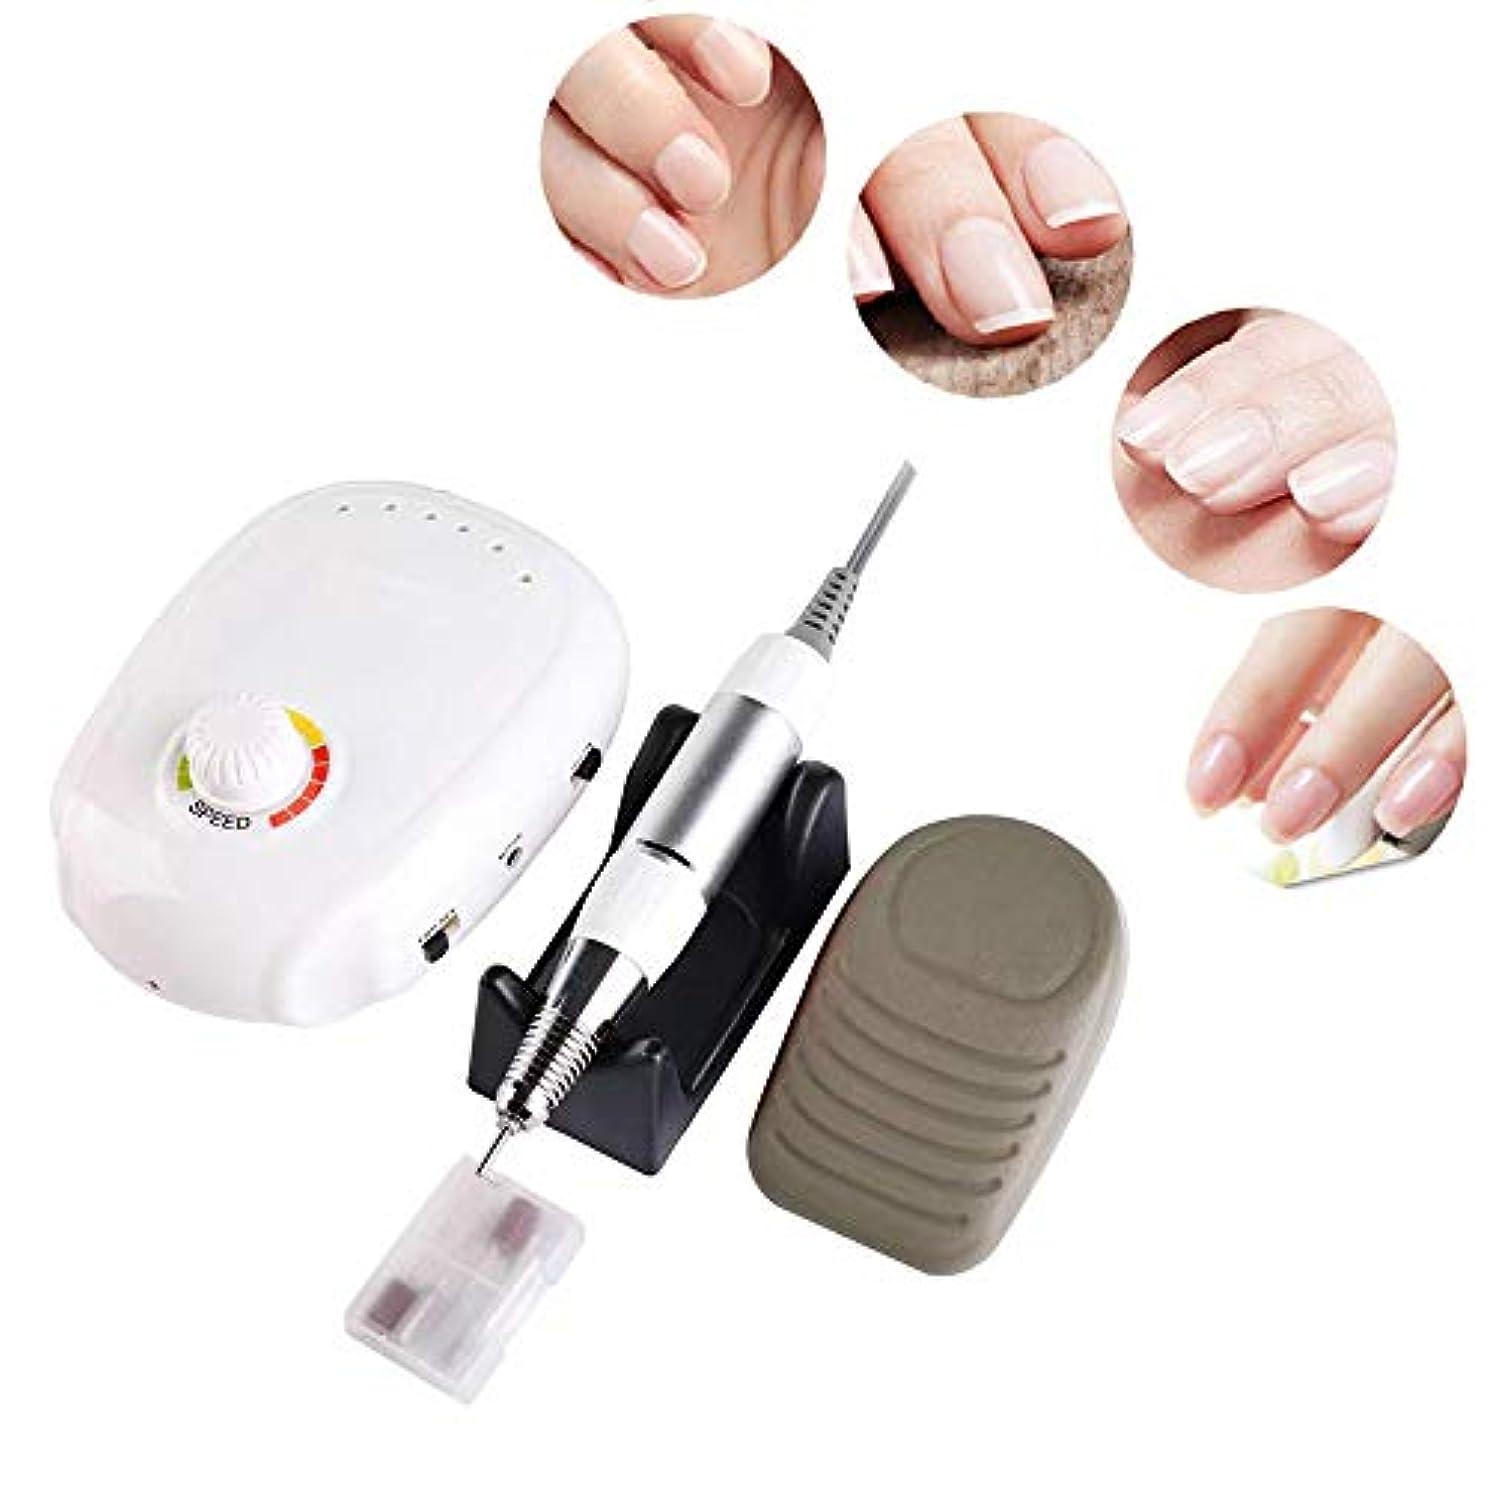 電動ネイルドリル充電式ネイルマシンアクリルジェルネイル用ポータブルペディキュアキットM低ノイズ低振動ホームサロン35000RPM